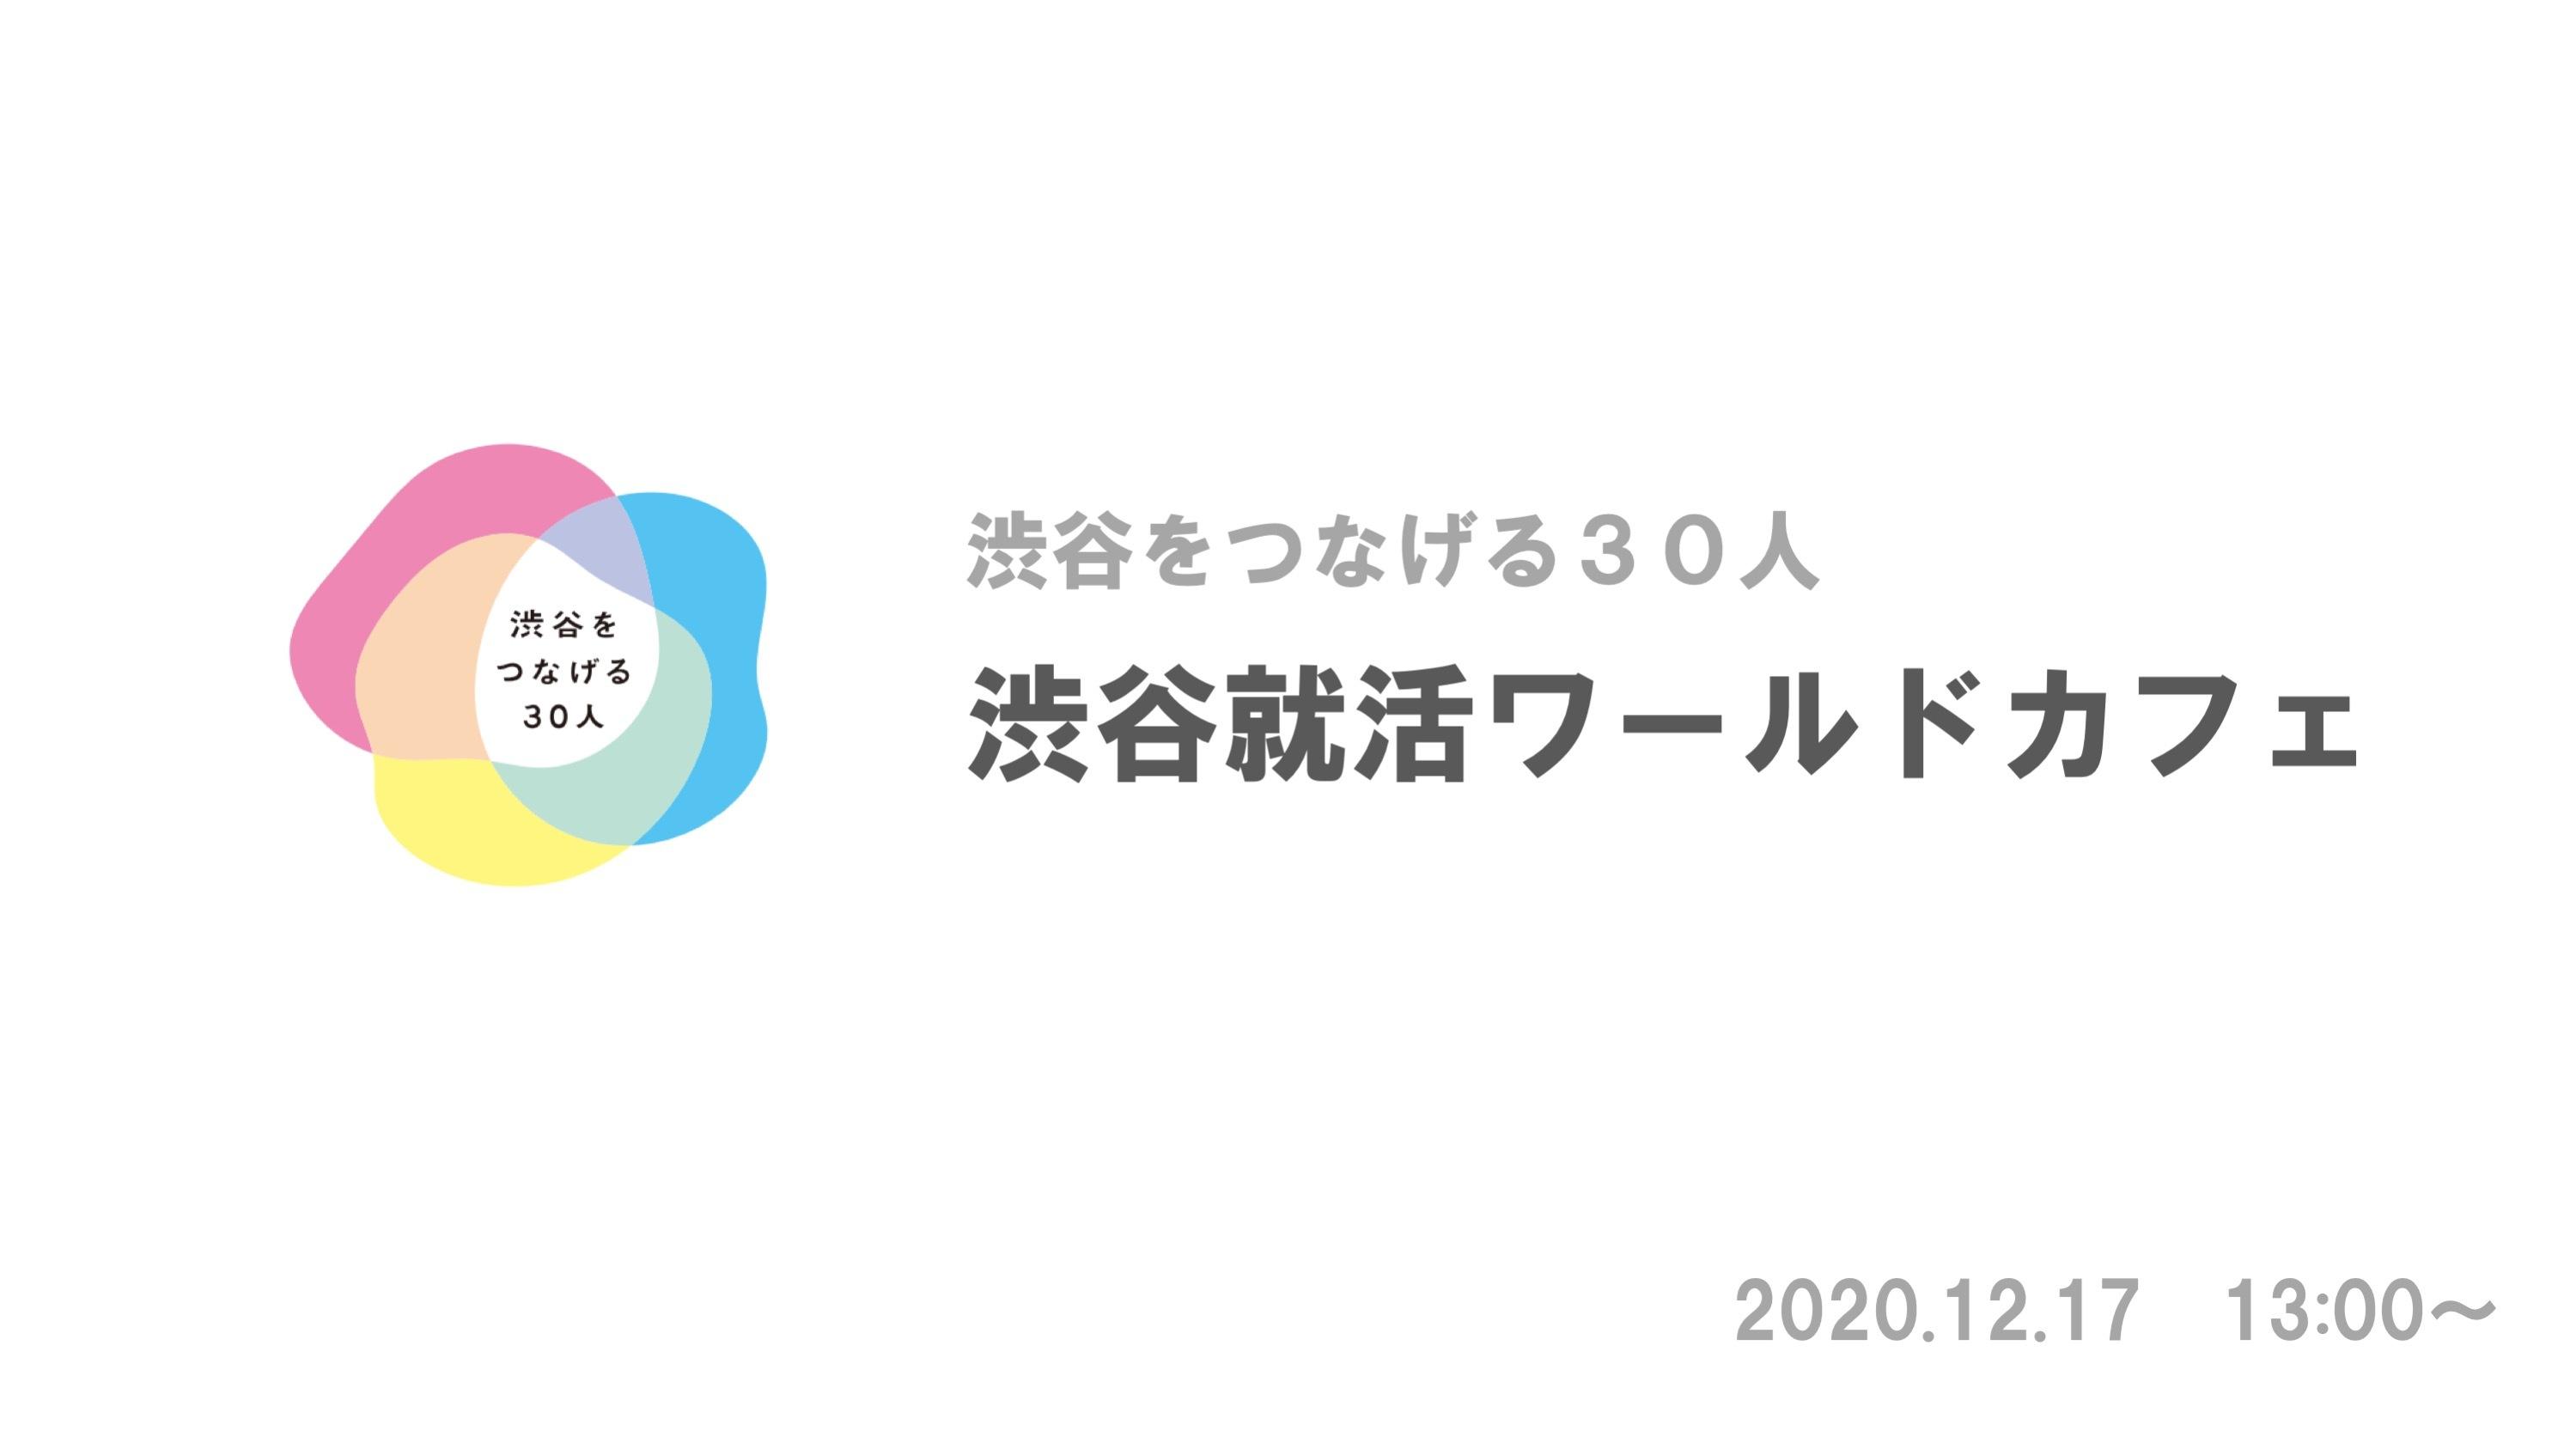 【渋谷をつなげる30人 5期 オープンセッション】〜就活ワールドカフェチーム編〜